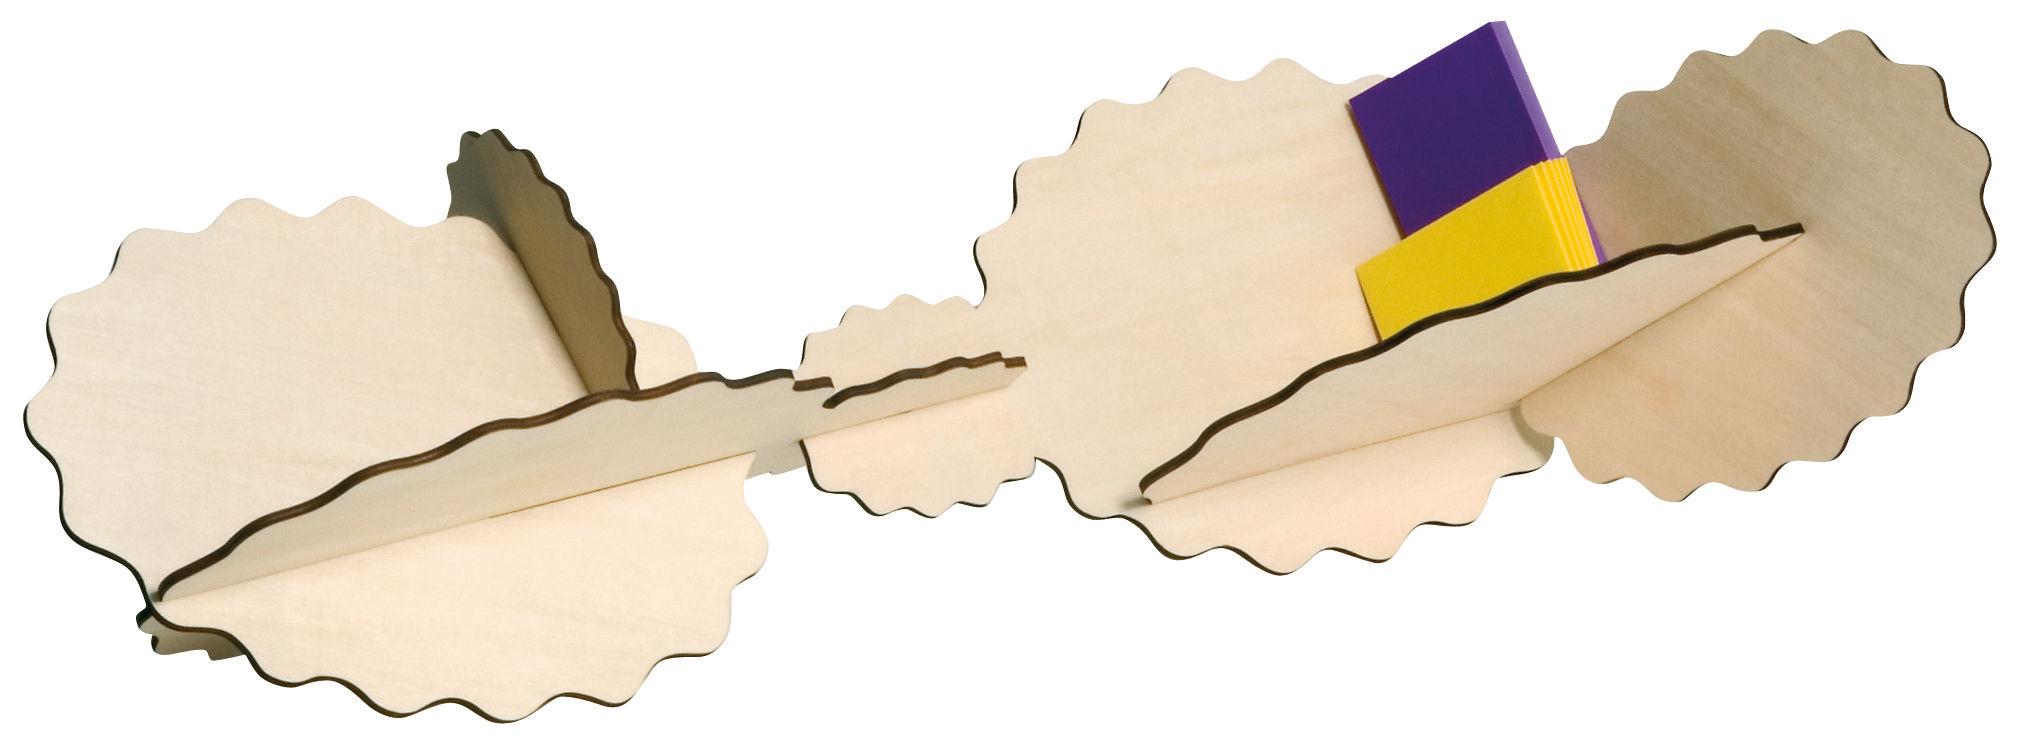 Möbel - Regale und Bücherregale - Astéroïde Regal zum Aufstellen - Bausatz - Domestic - Holz - Vielschicht-Sperrholz in Birke